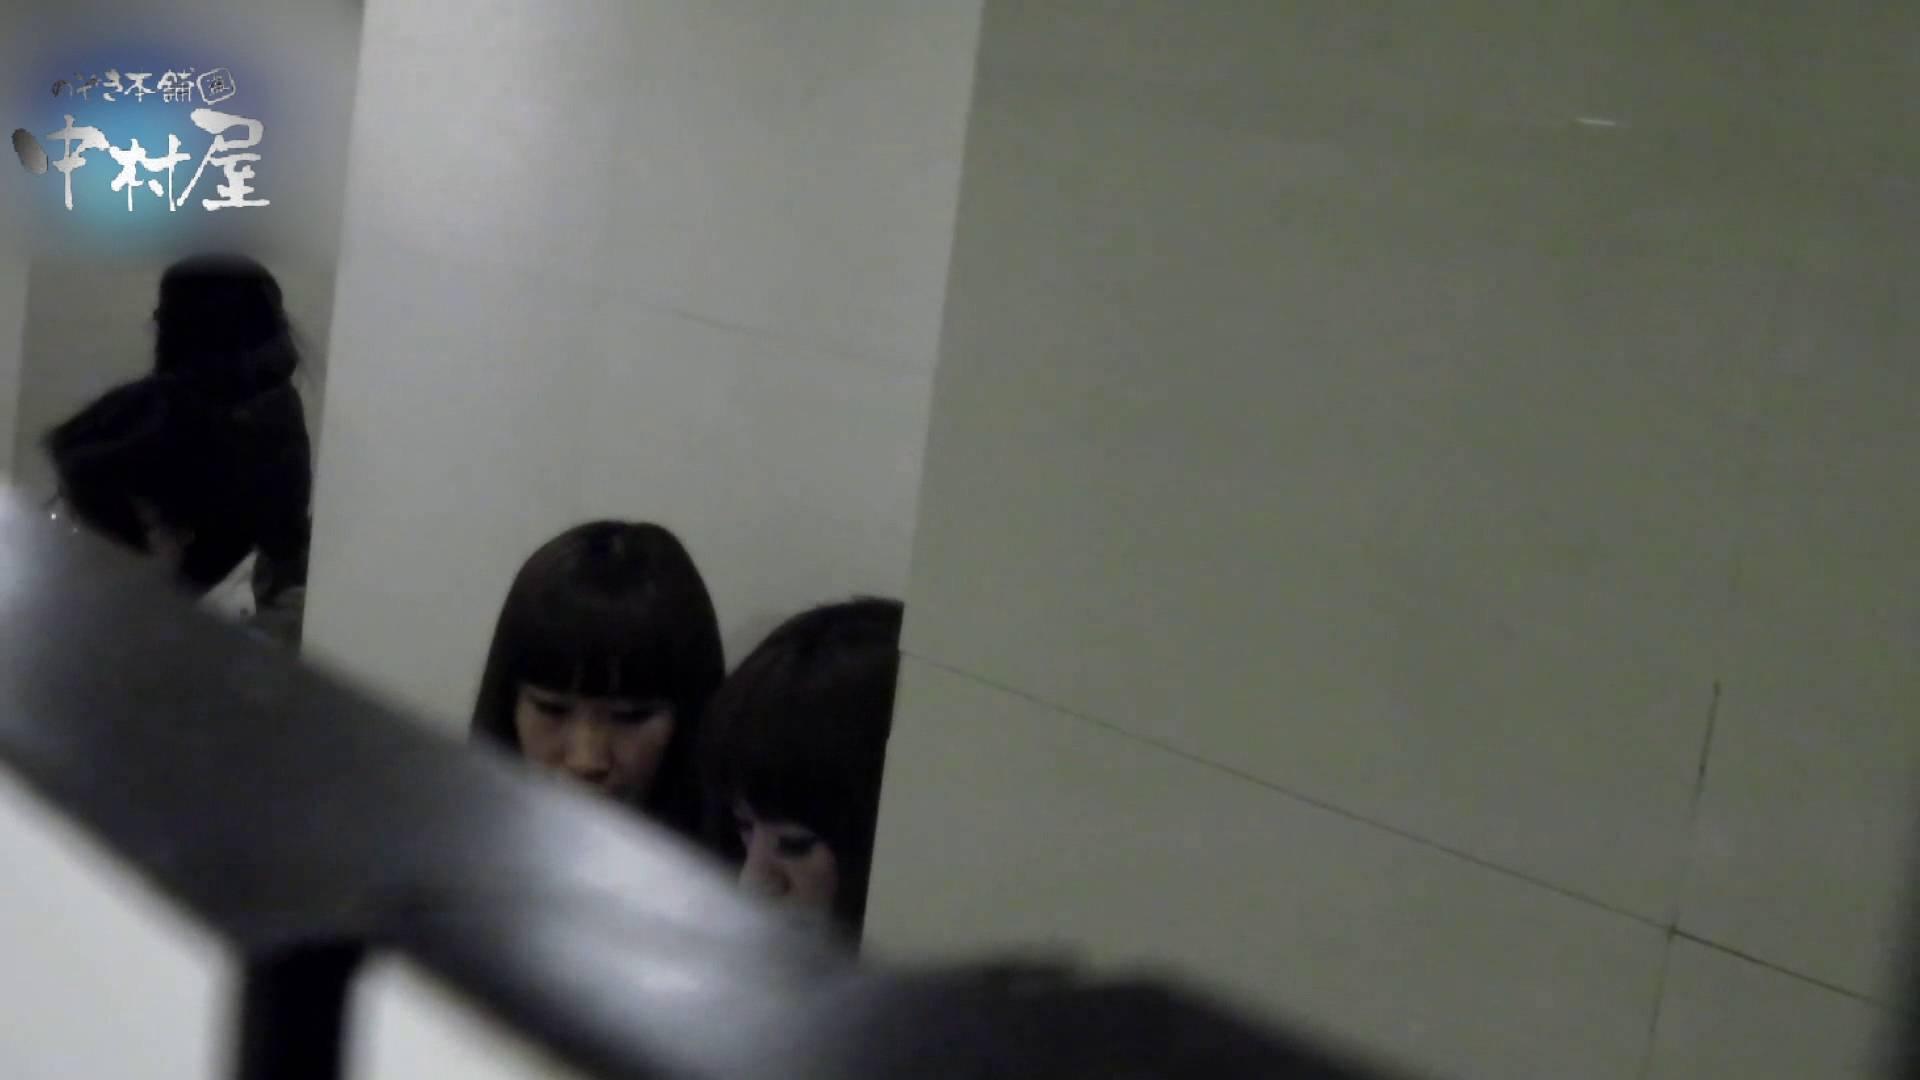 乙女集まる!ショッピングモール潜入撮vol.01 乙女 すけべAV動画紹介 101画像 99